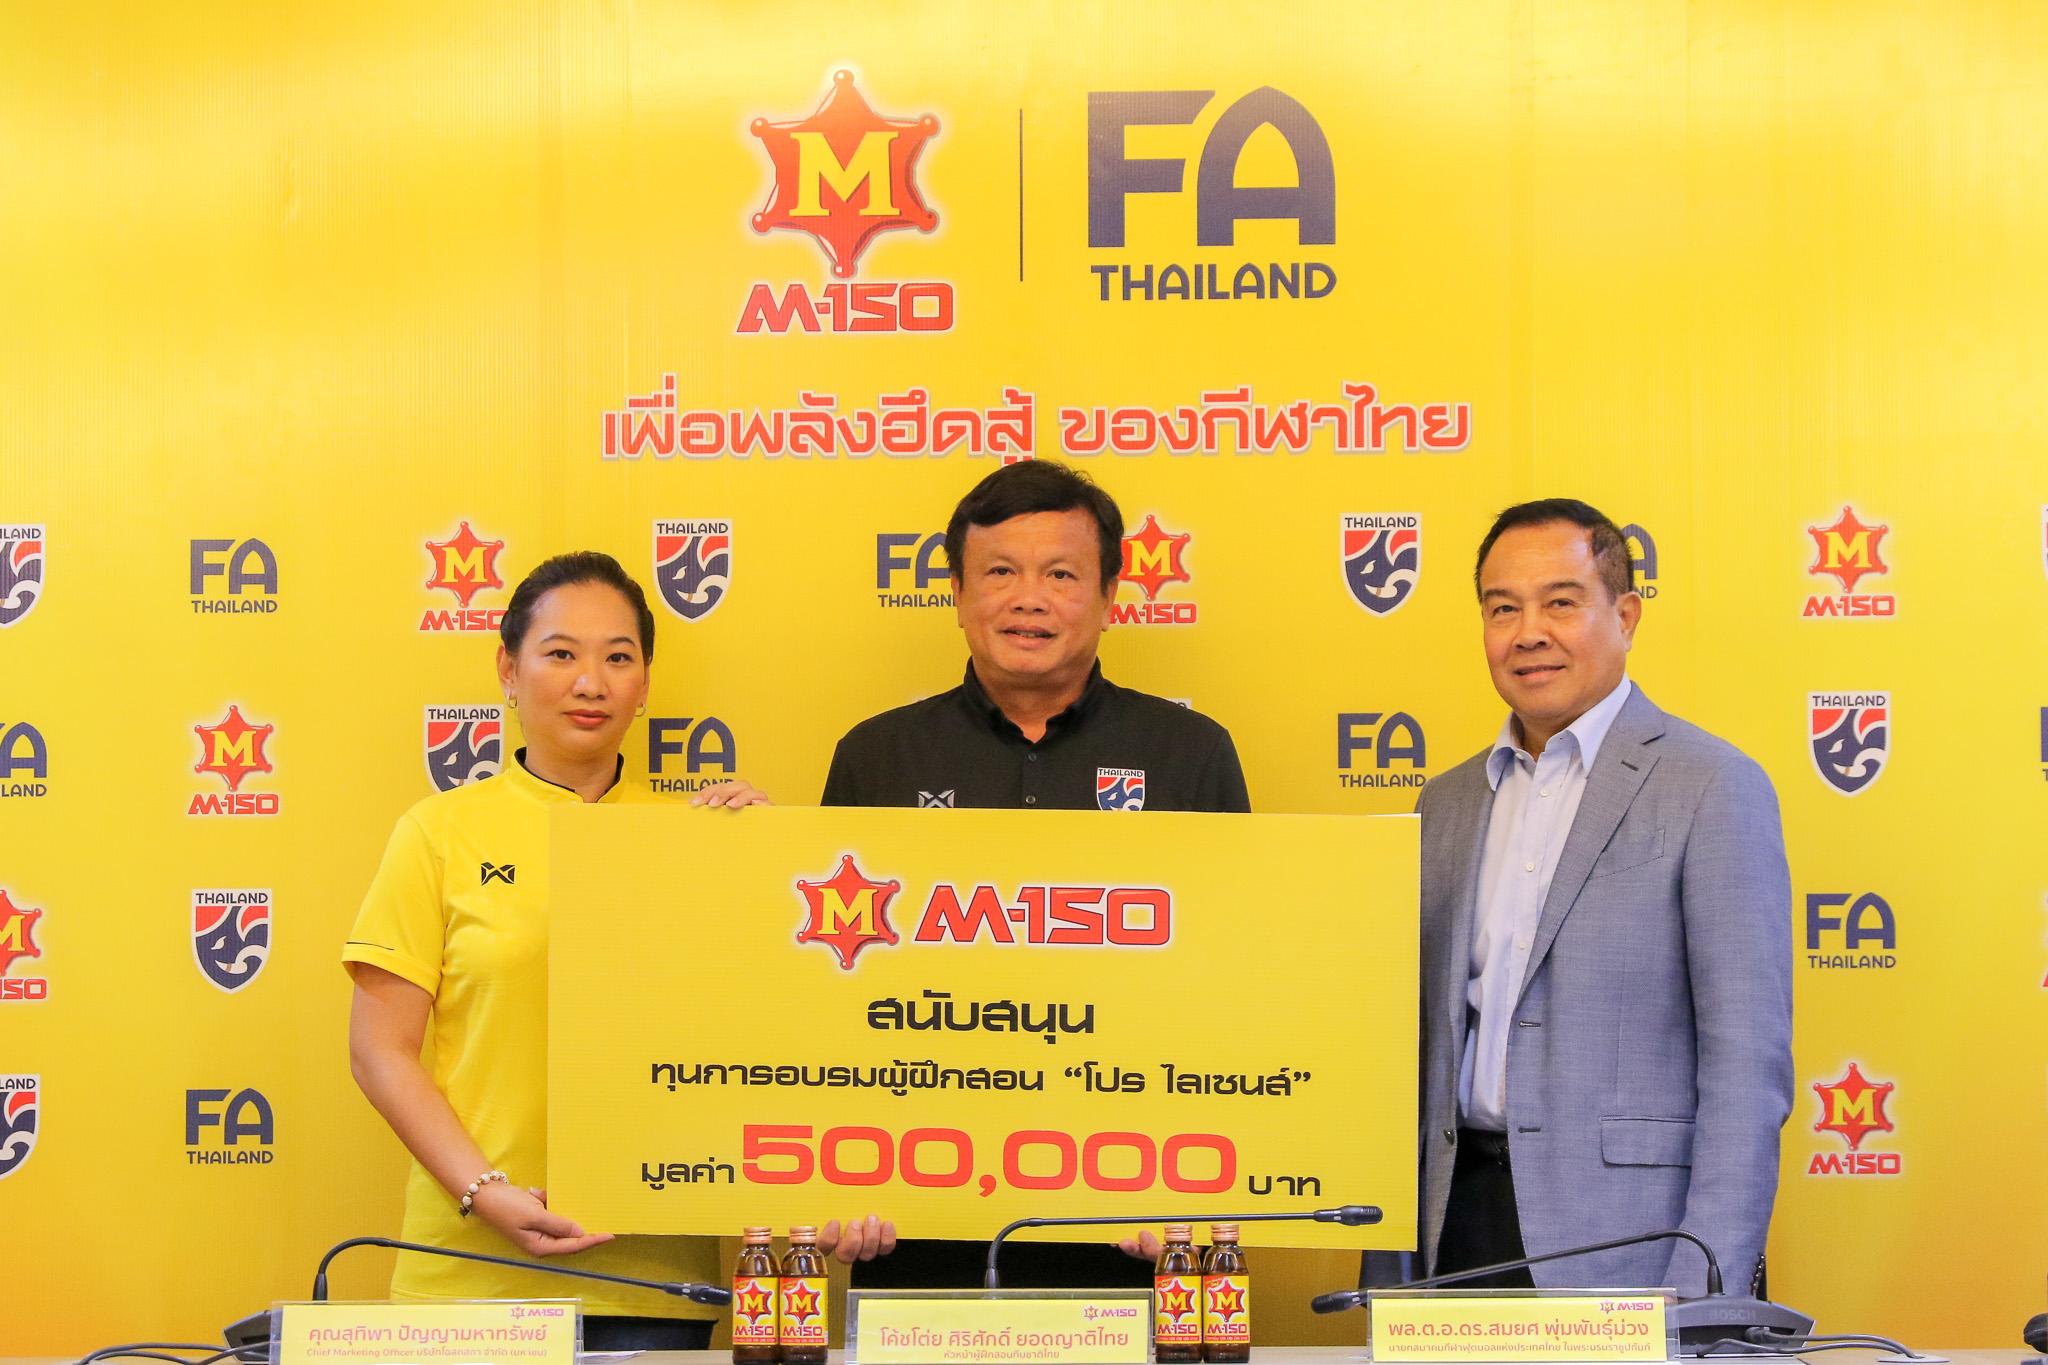 ทีมชาติไทย ศิริศักดิ์ ยอดญาติไทย สมยศ พุ่มพันธุ์ม่วง โปรไลเซนส์